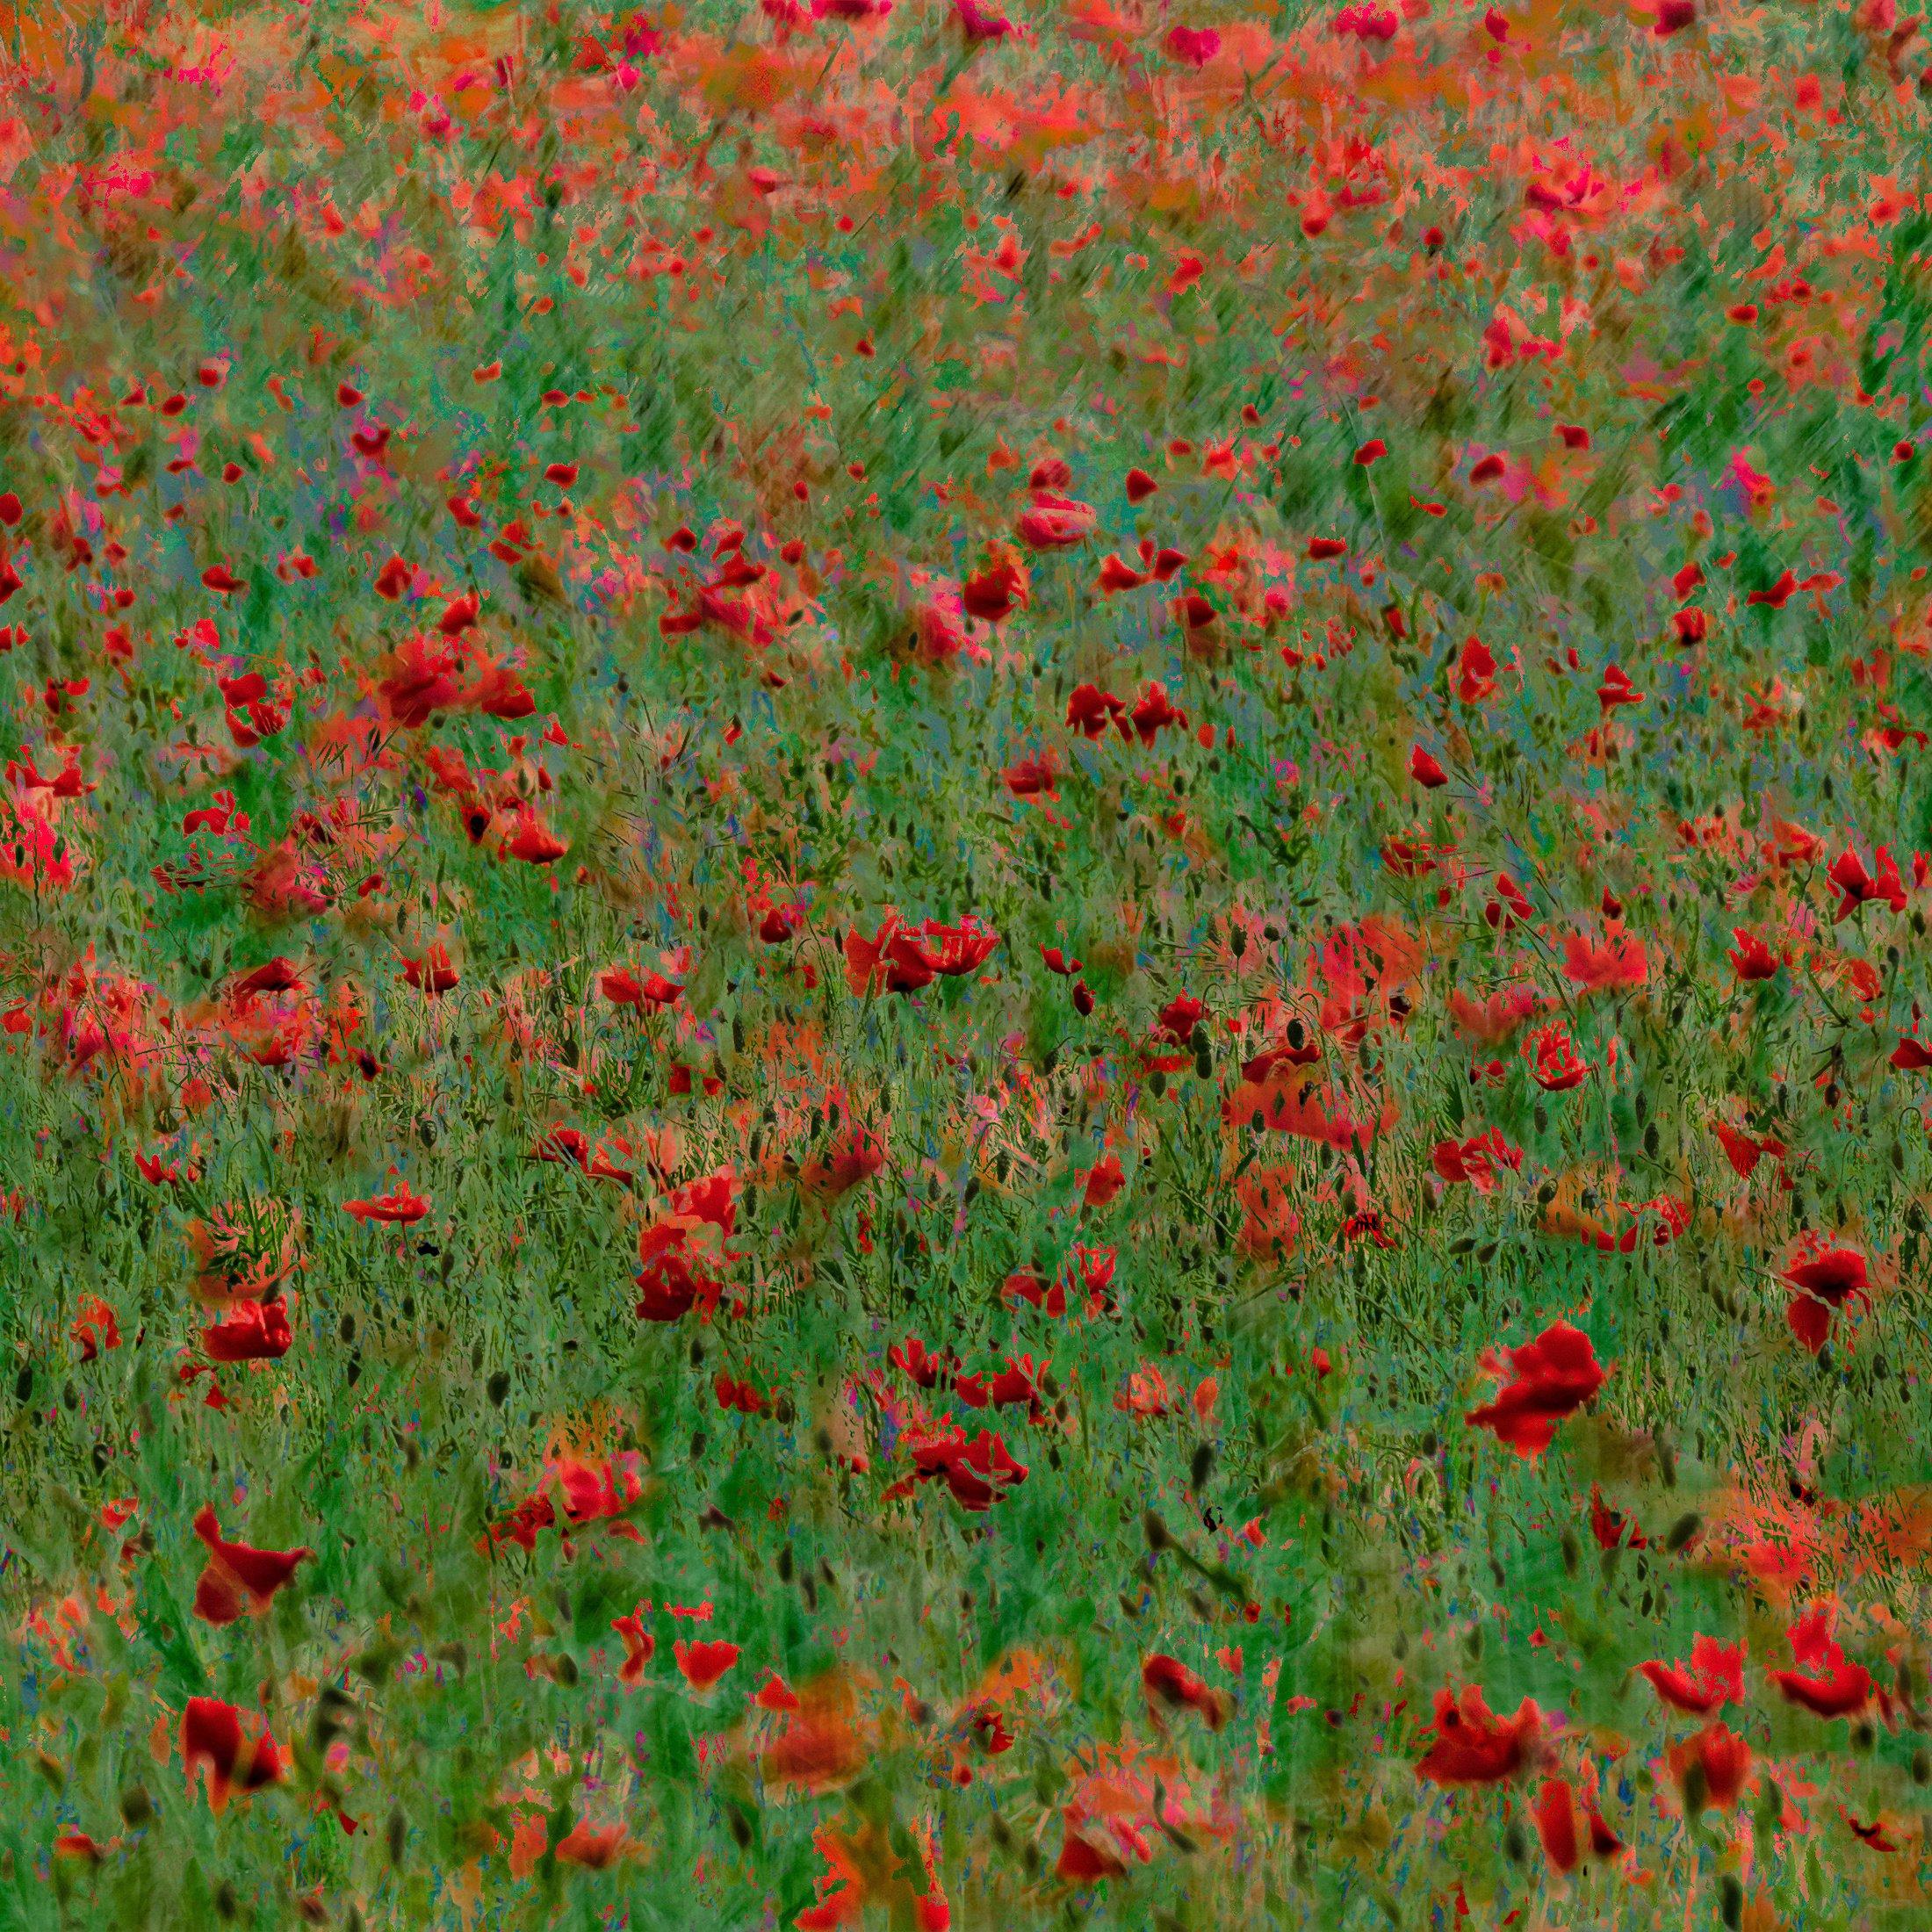 Poppy Population